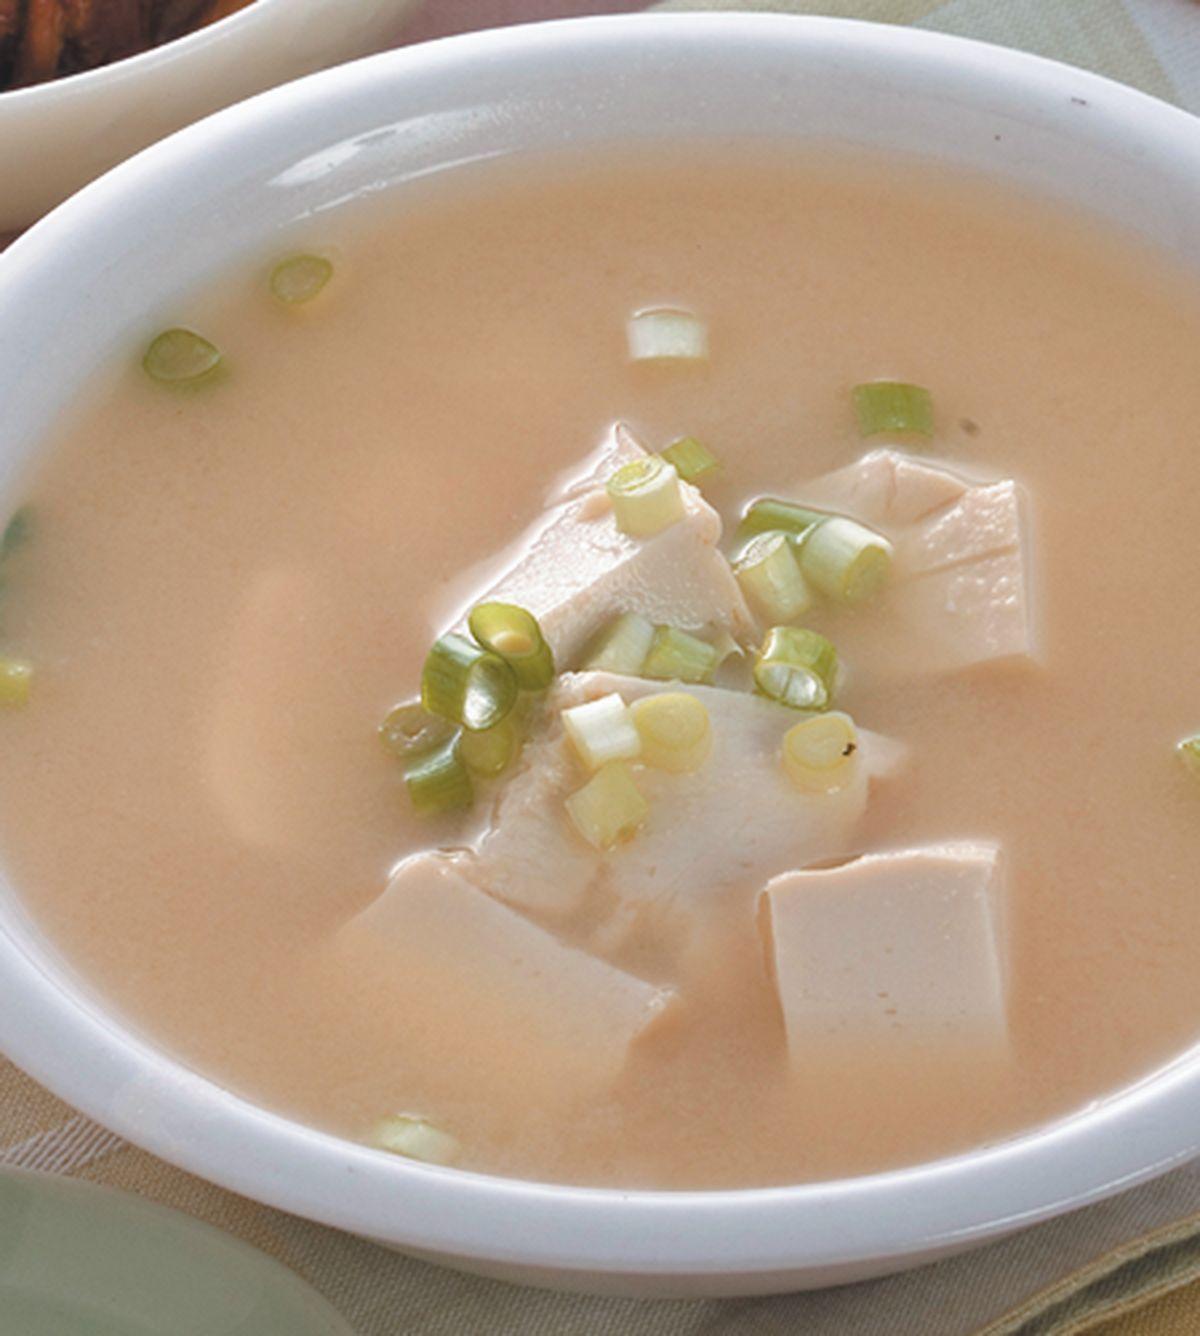 【食譜】味噌豆腐湯:www.ytower.com.tw